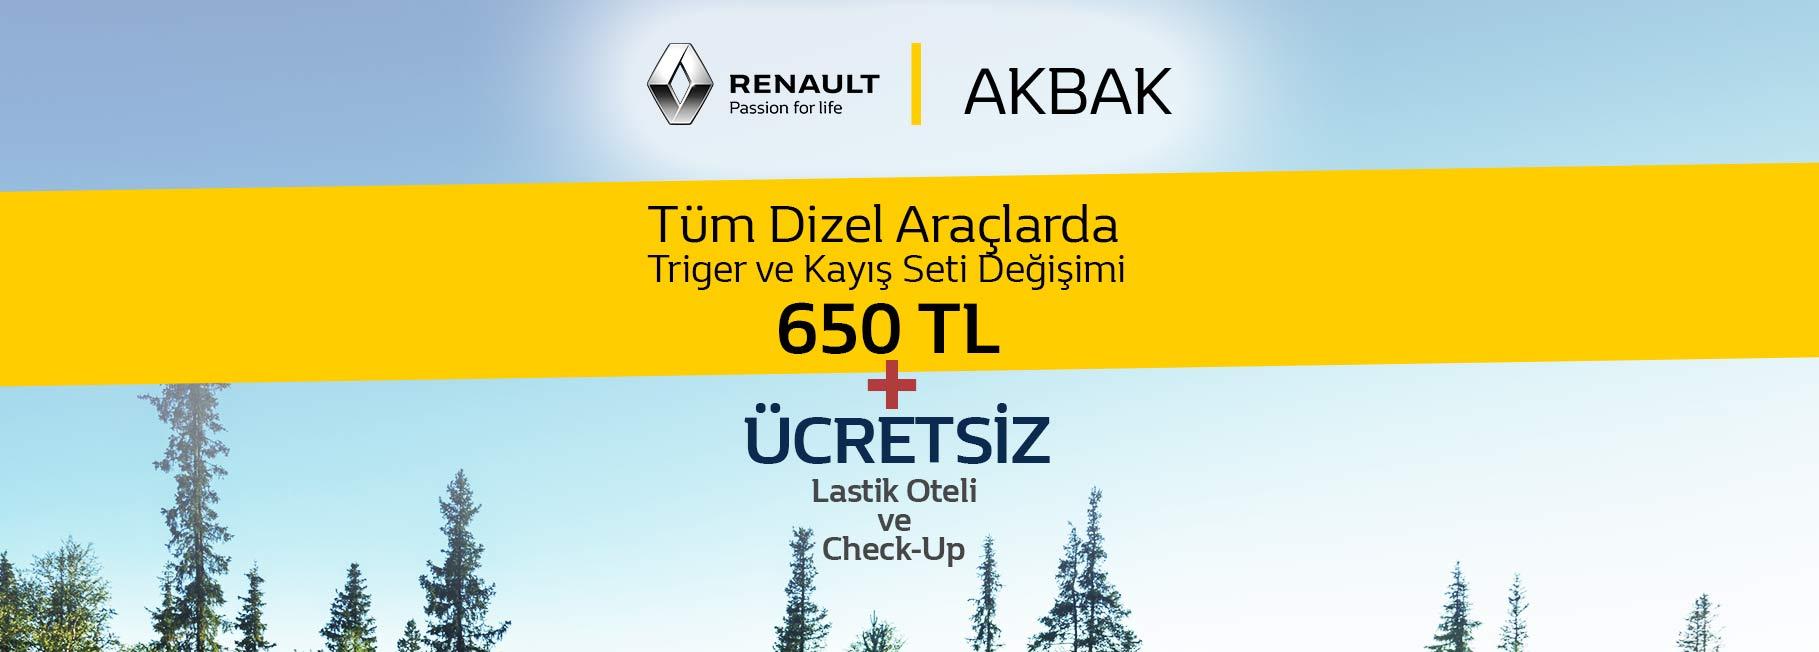 Akbak Slider